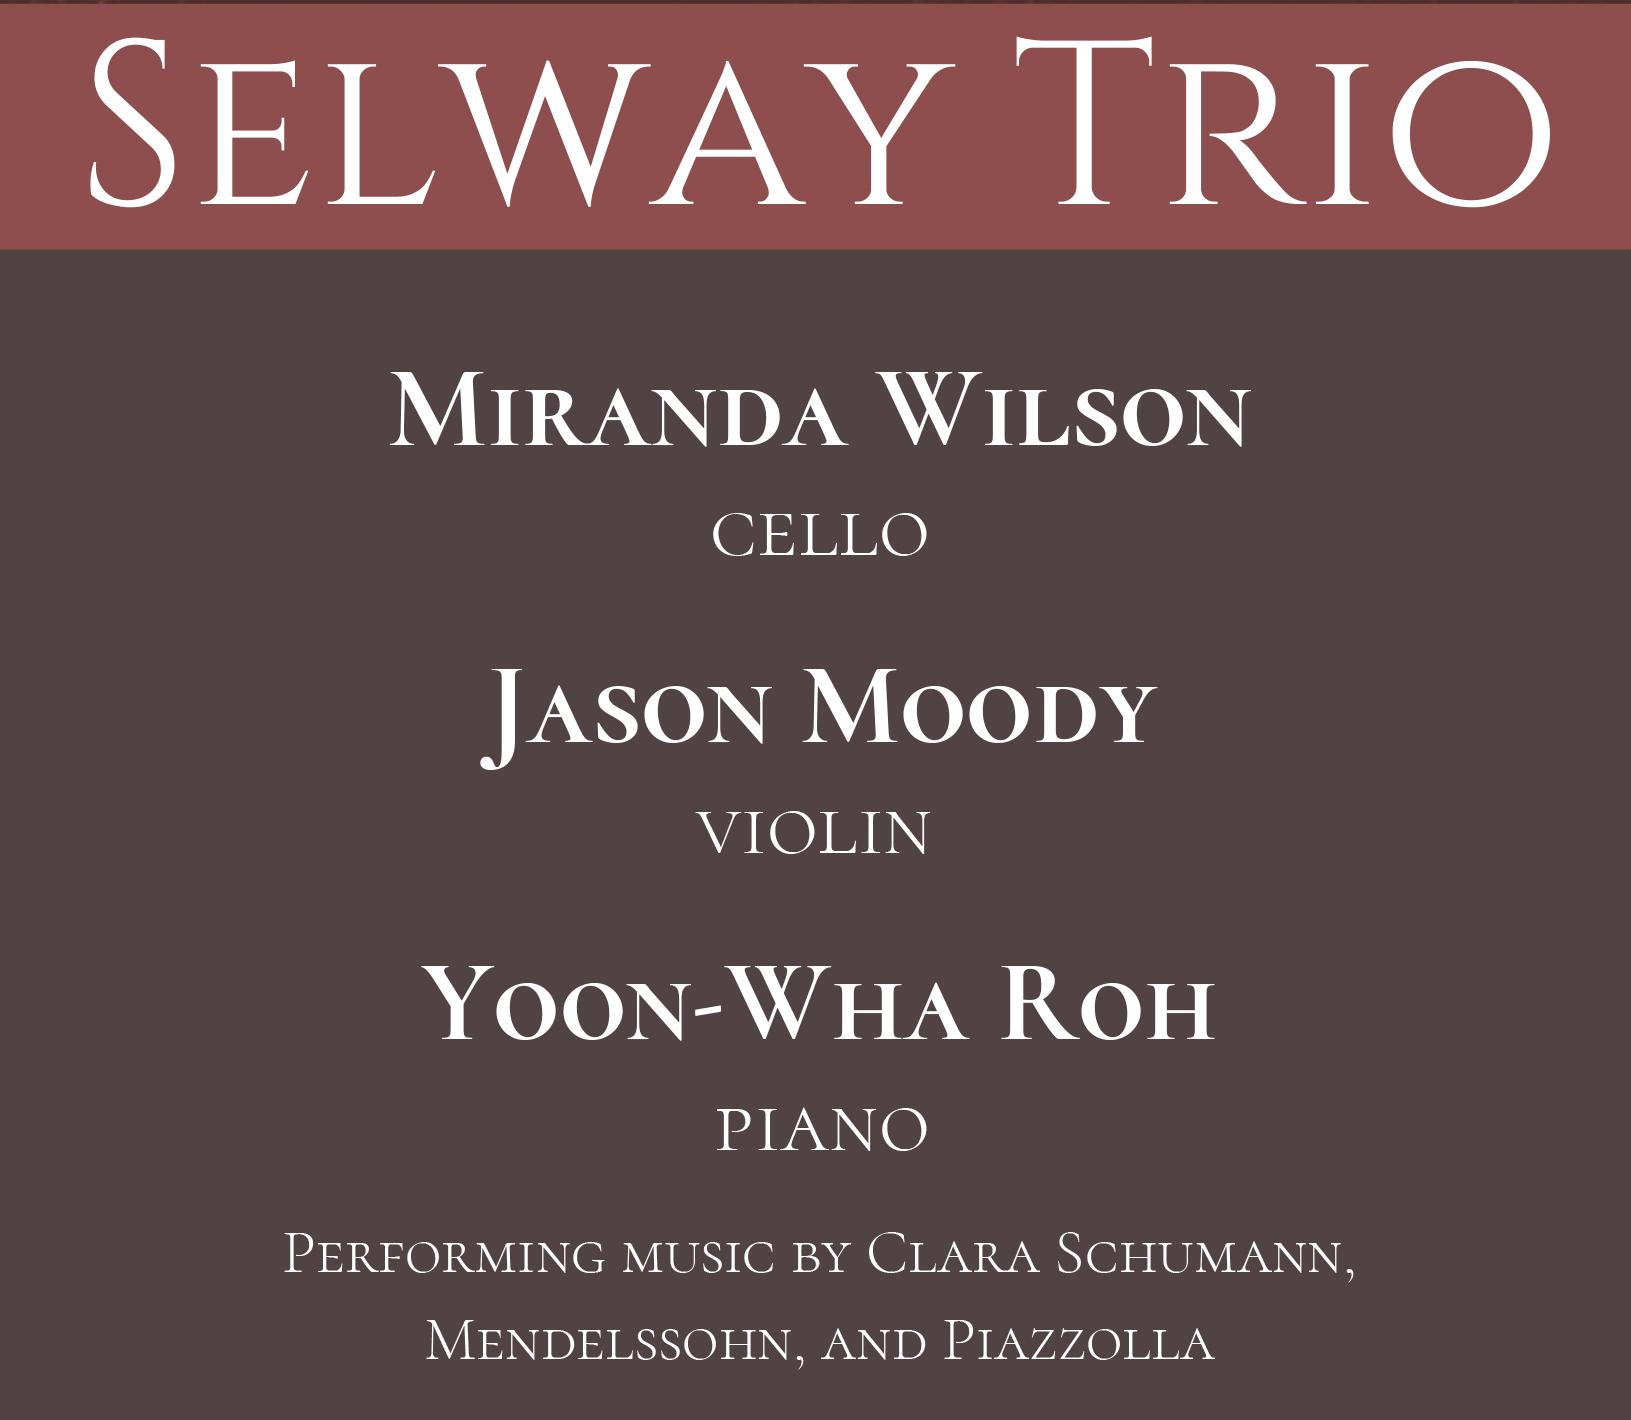 Selway Trio Poster.jpg